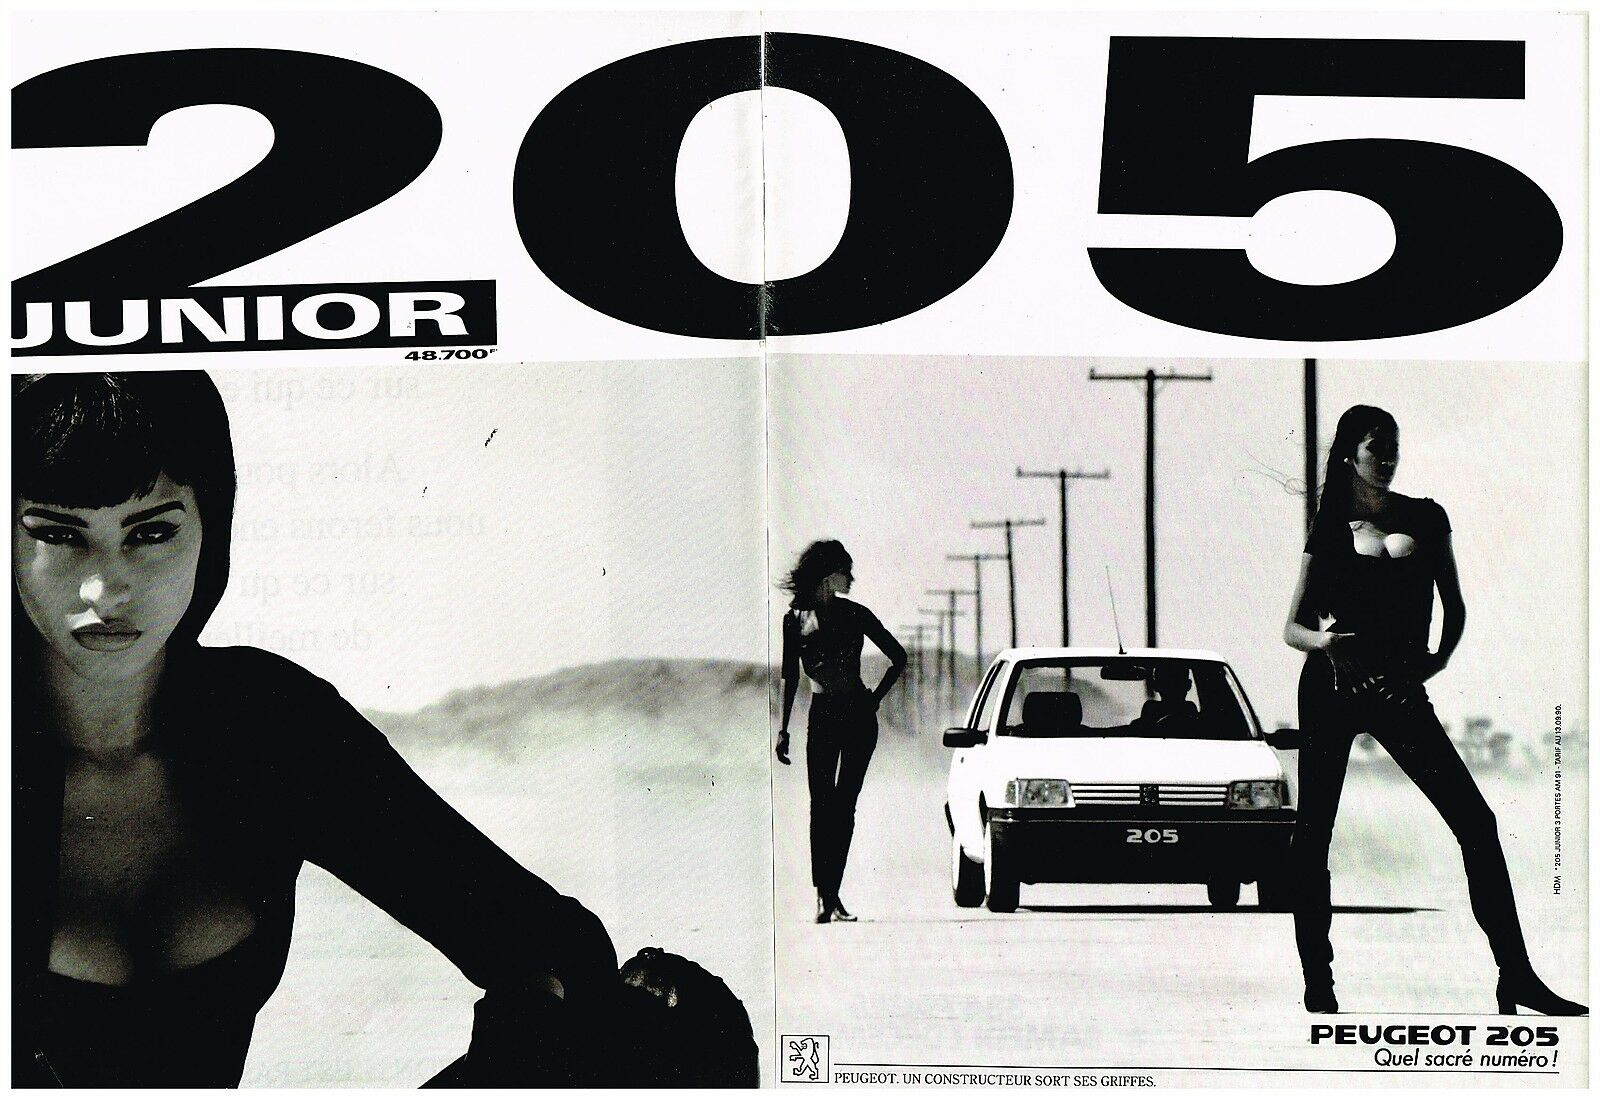 1990 Peugeot 205 Junior